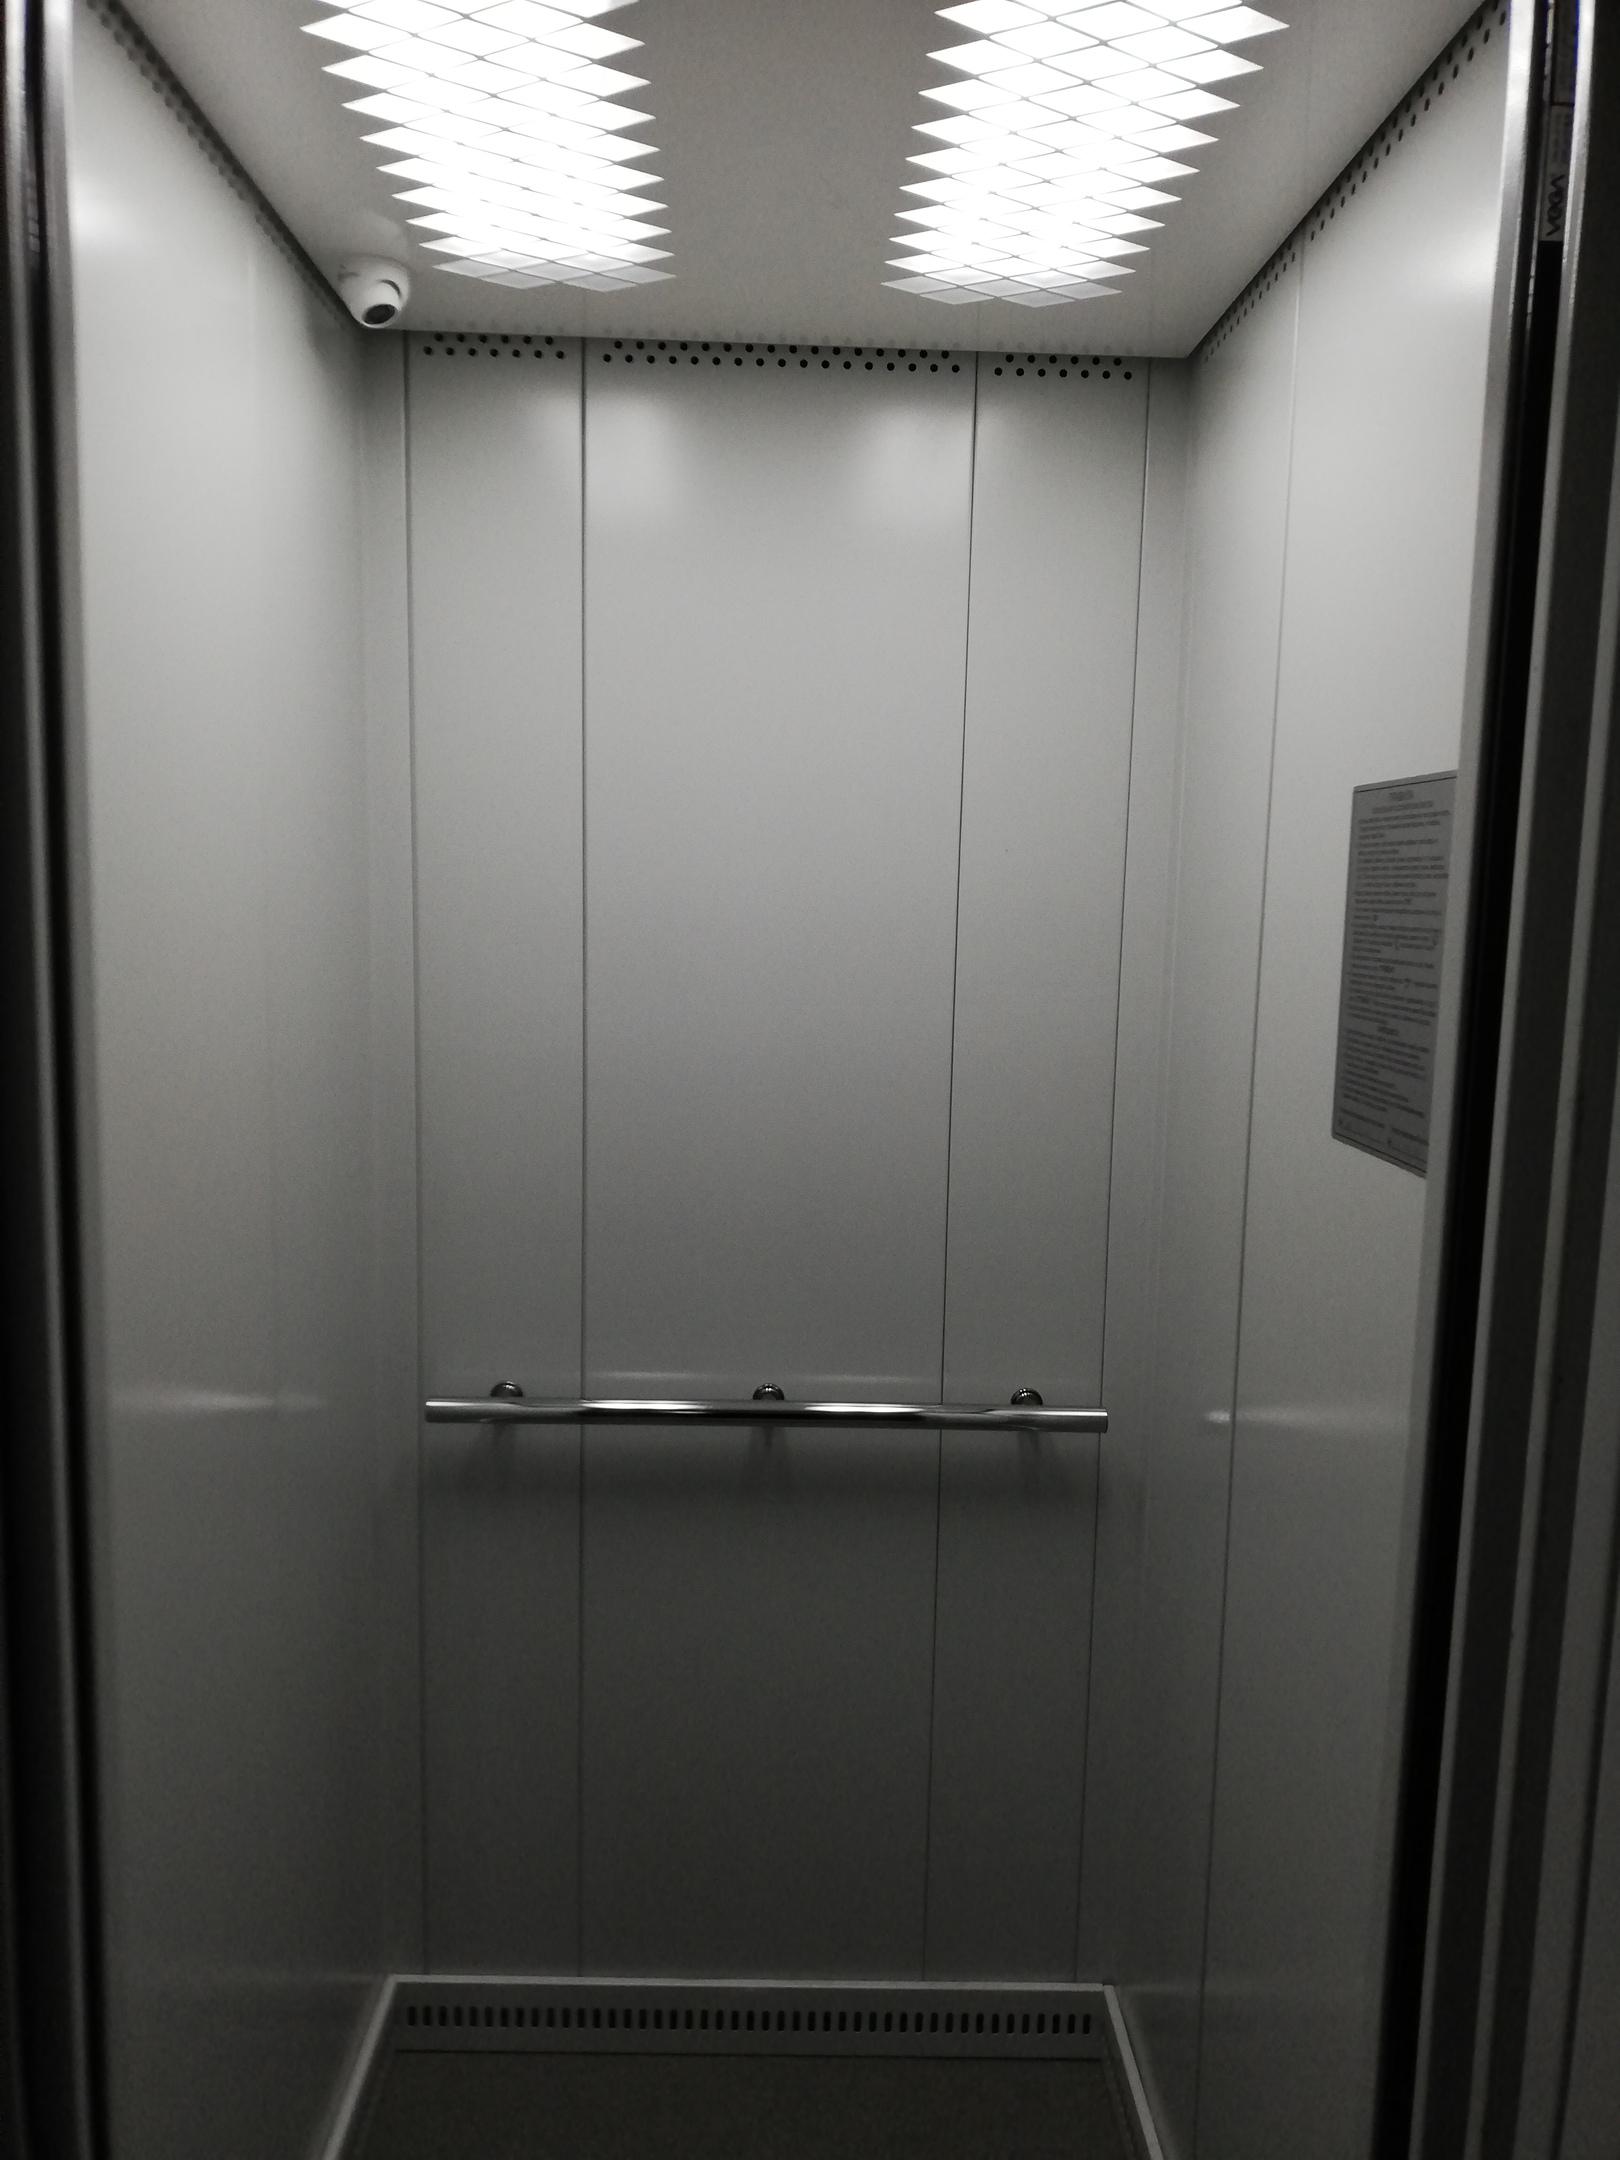 картинки в подъездах и лифтах любой другой